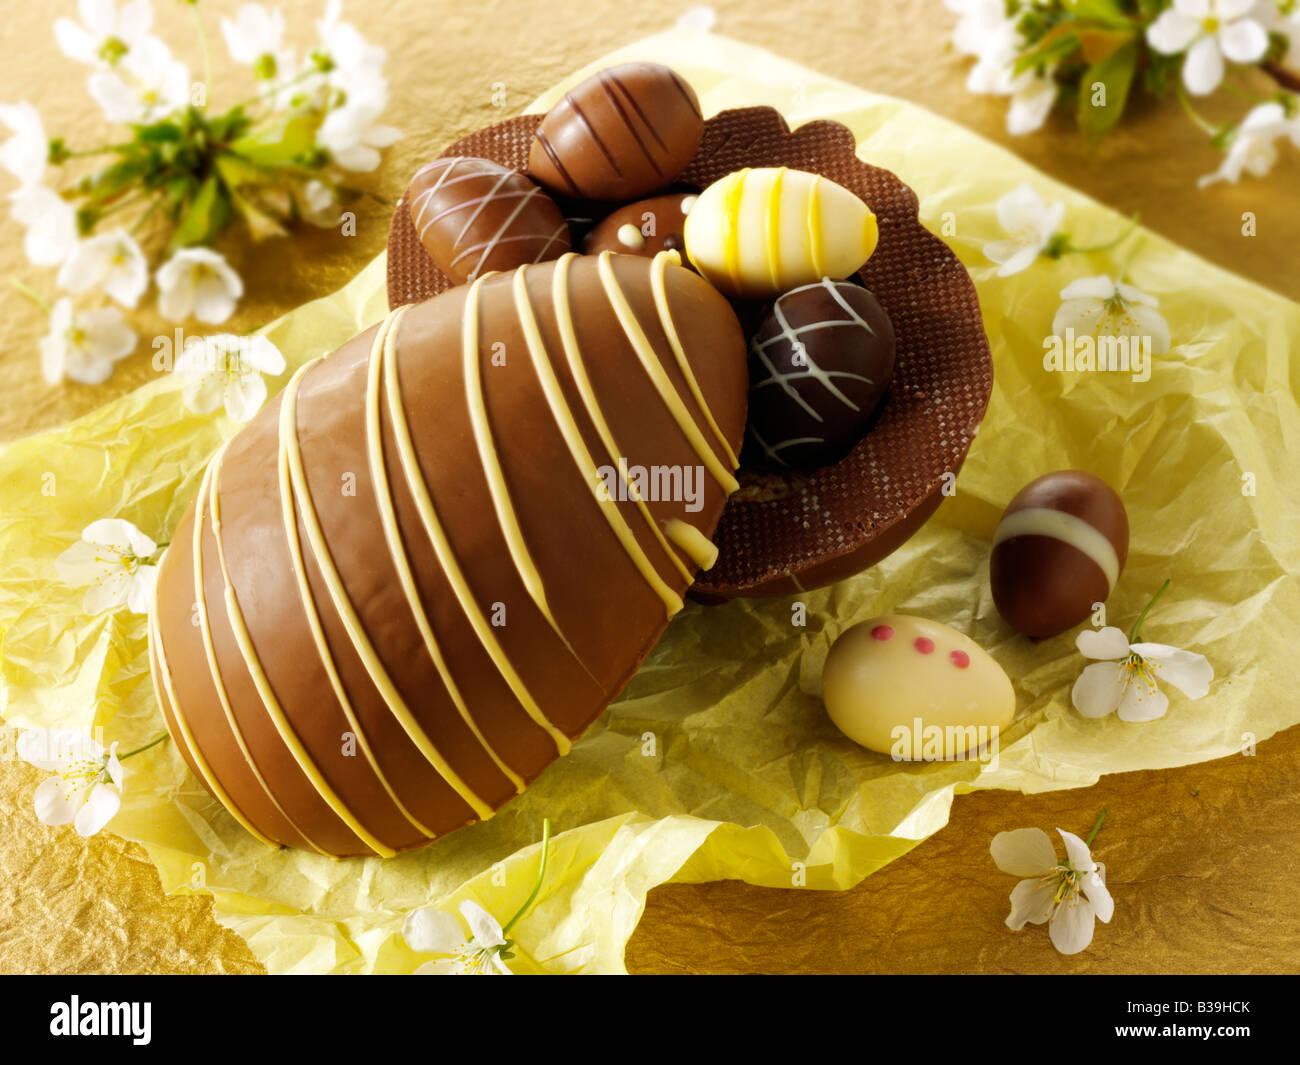 Fait à la main traditionnel décoré d'oeufs de Pâques au chocolat Photo Stock